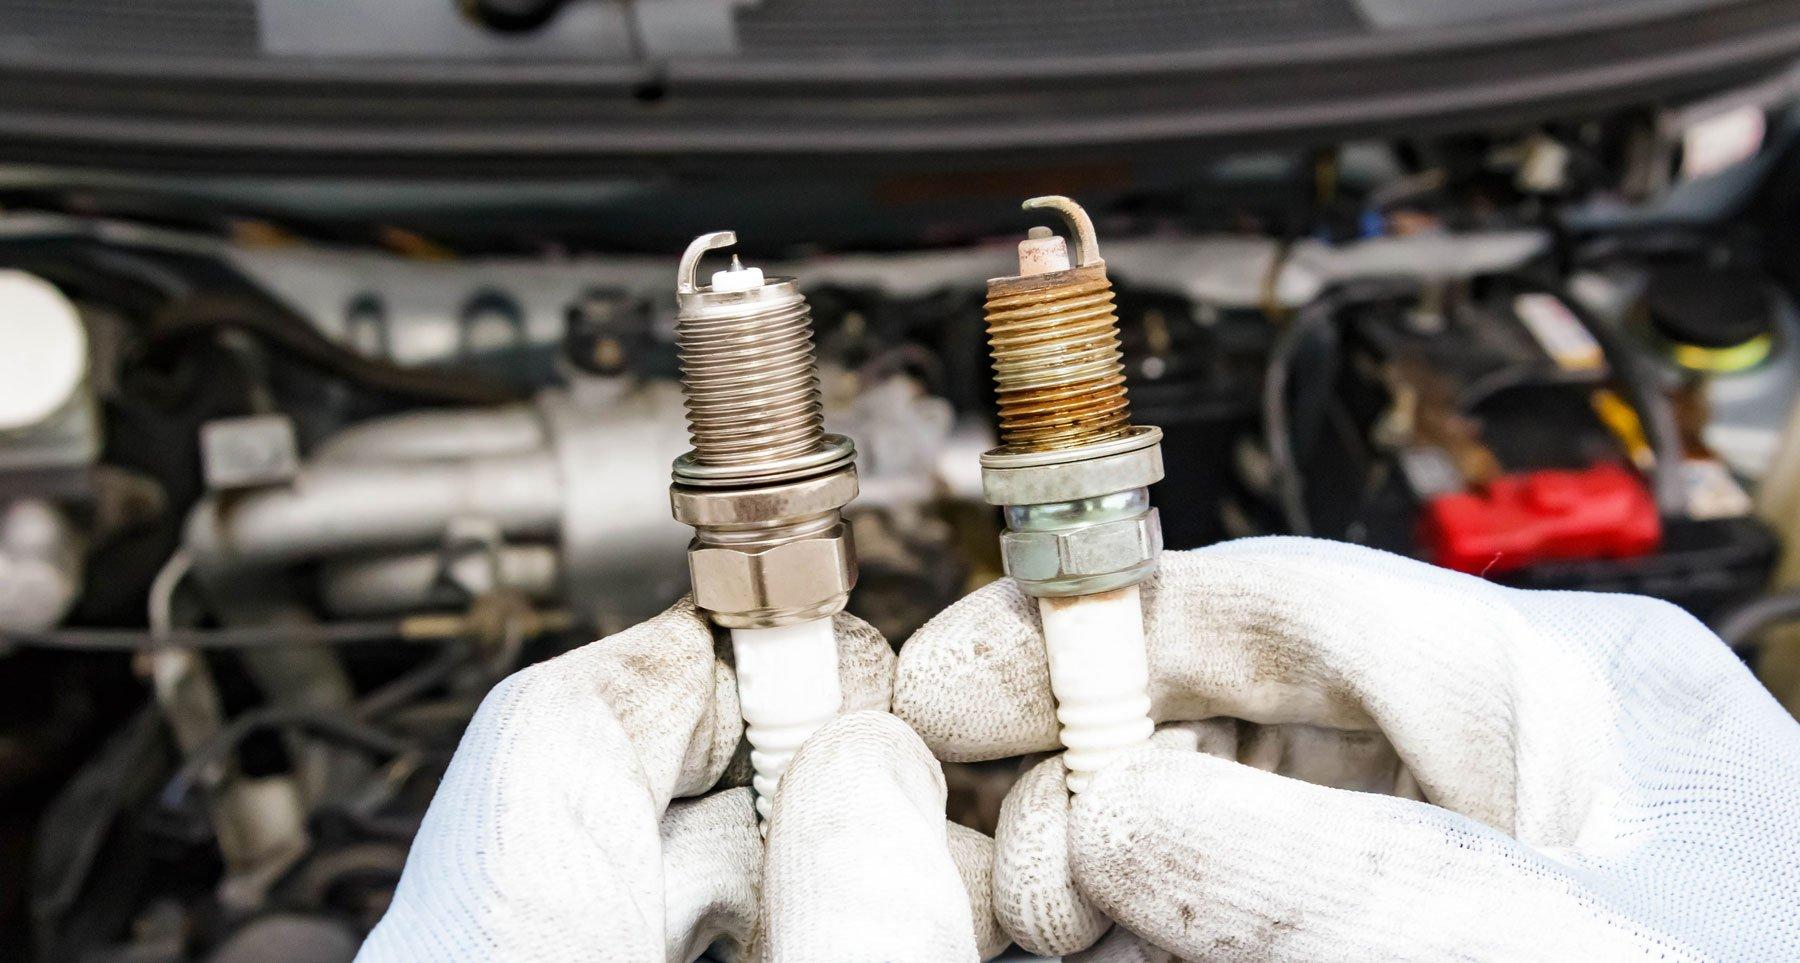 due mani con dei guanti bianchi e in mano due candele del motore